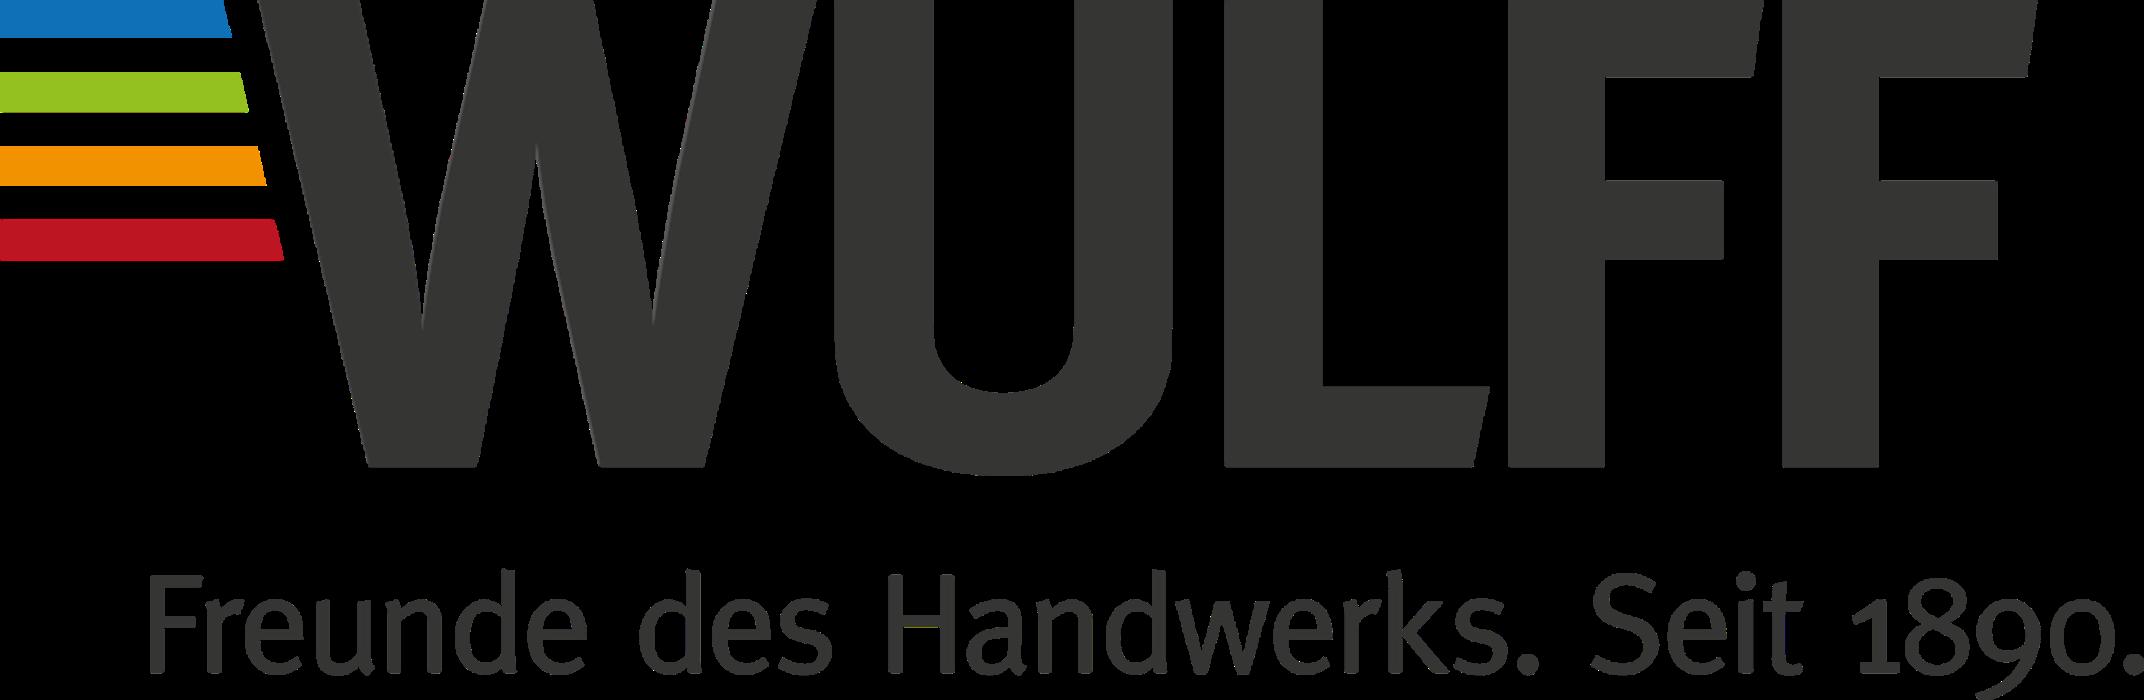 Bild zu Wulff GmbH & Co. KG in Lotte